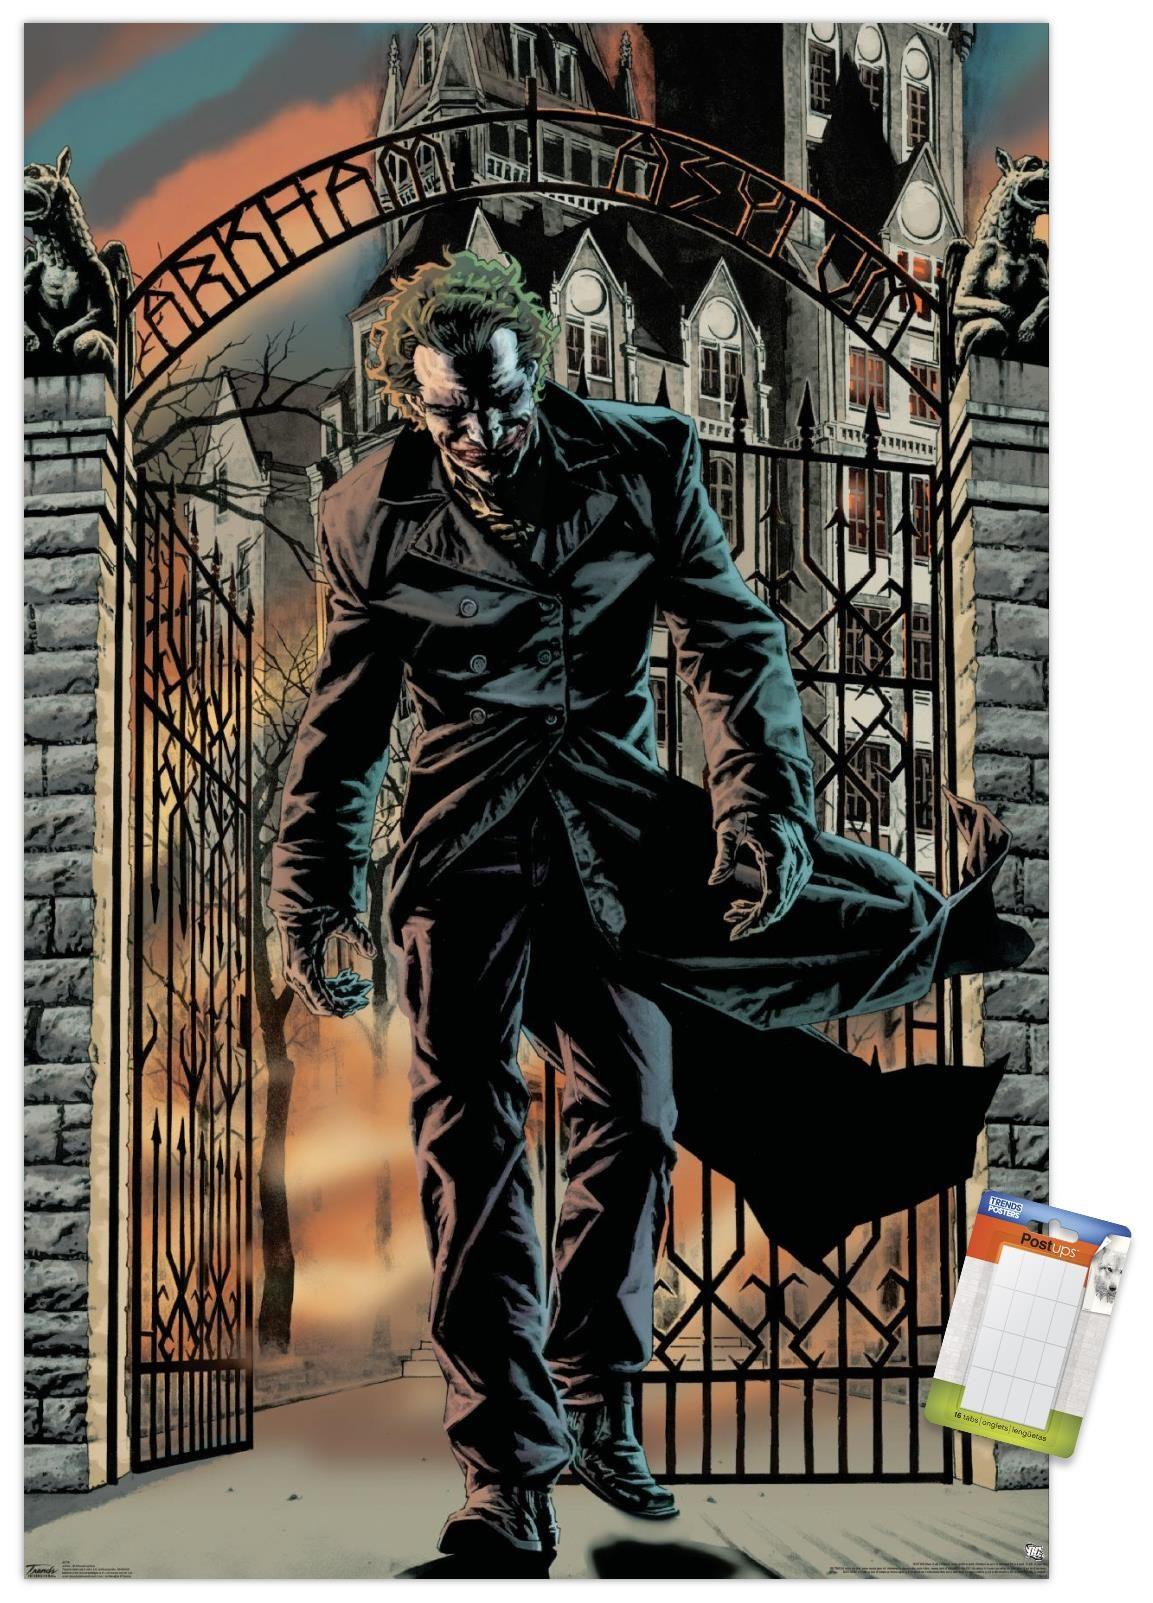 dc comics the joker arkham asylum